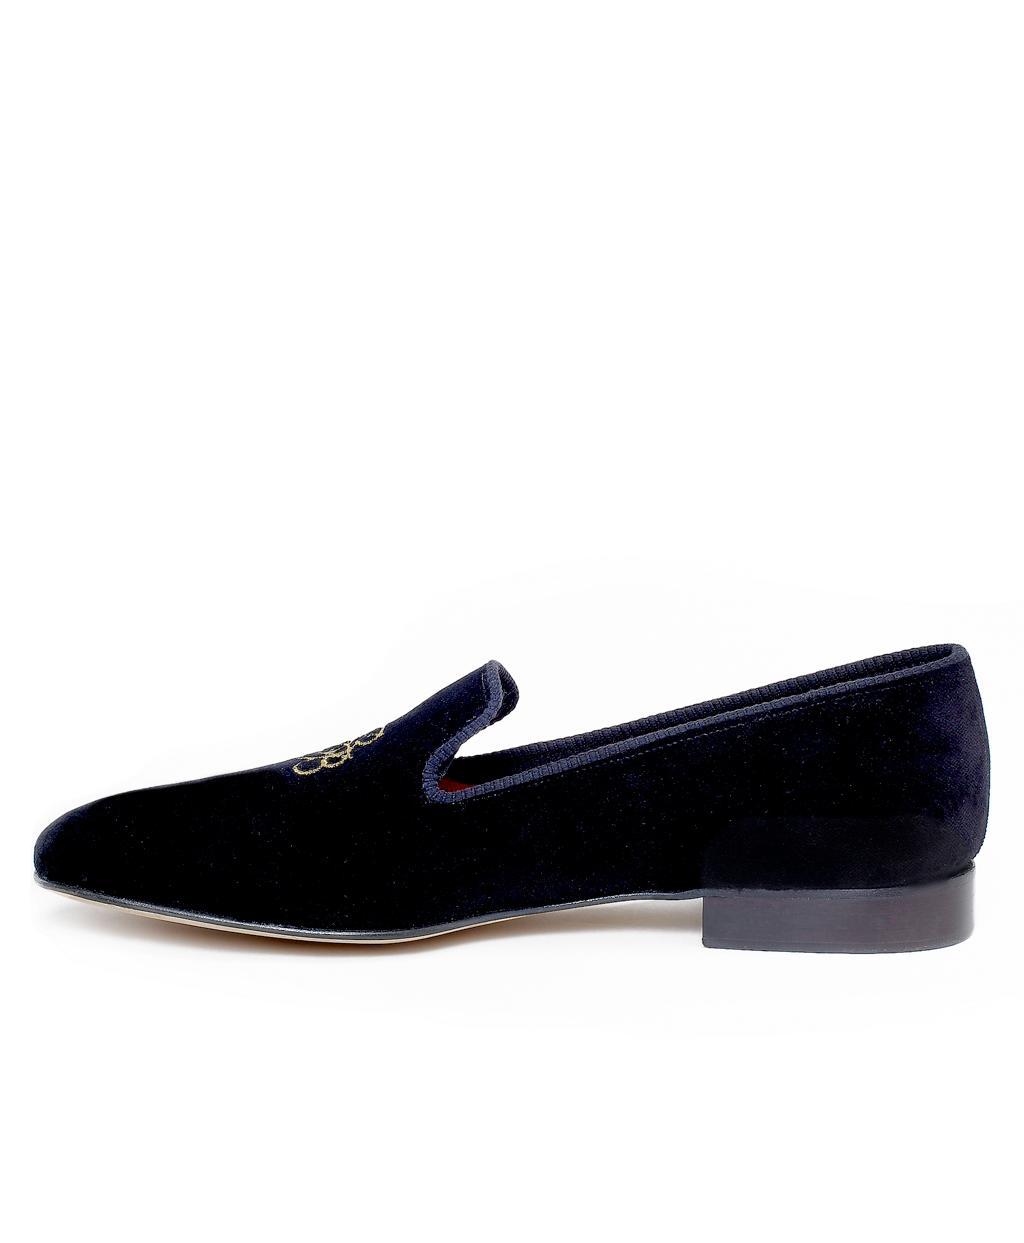 8e7a32bc7fbd0 Lyst - Brooks Brothers Velvet Logo Slippers in Black for Men